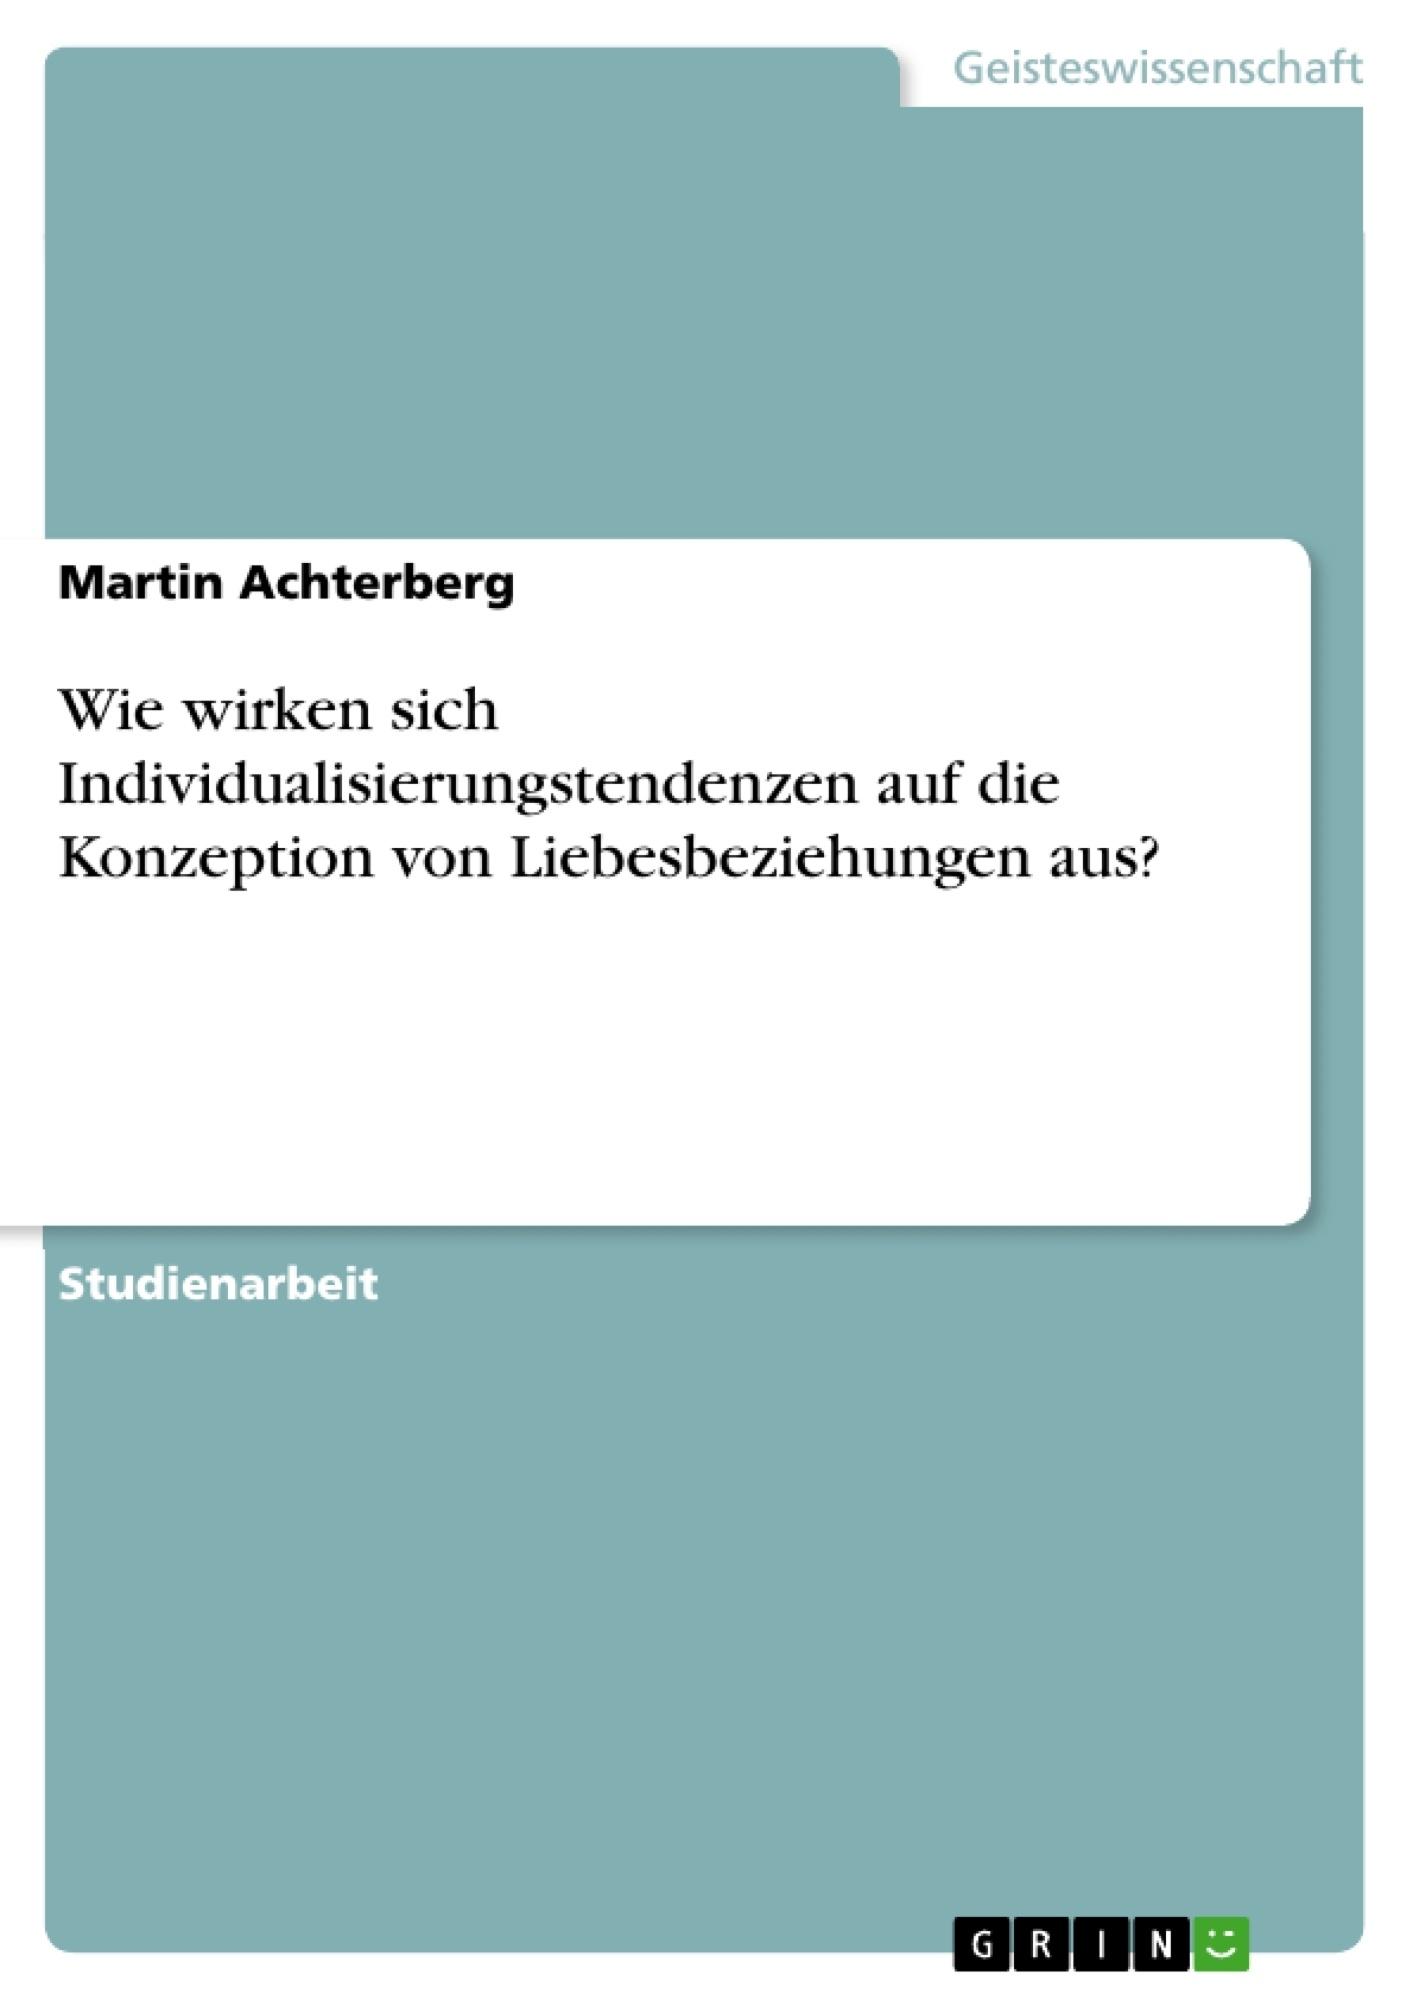 Titel: Wie wirken sich Individualisierungstendenzen auf die Konzeption von Liebesbeziehungen aus?